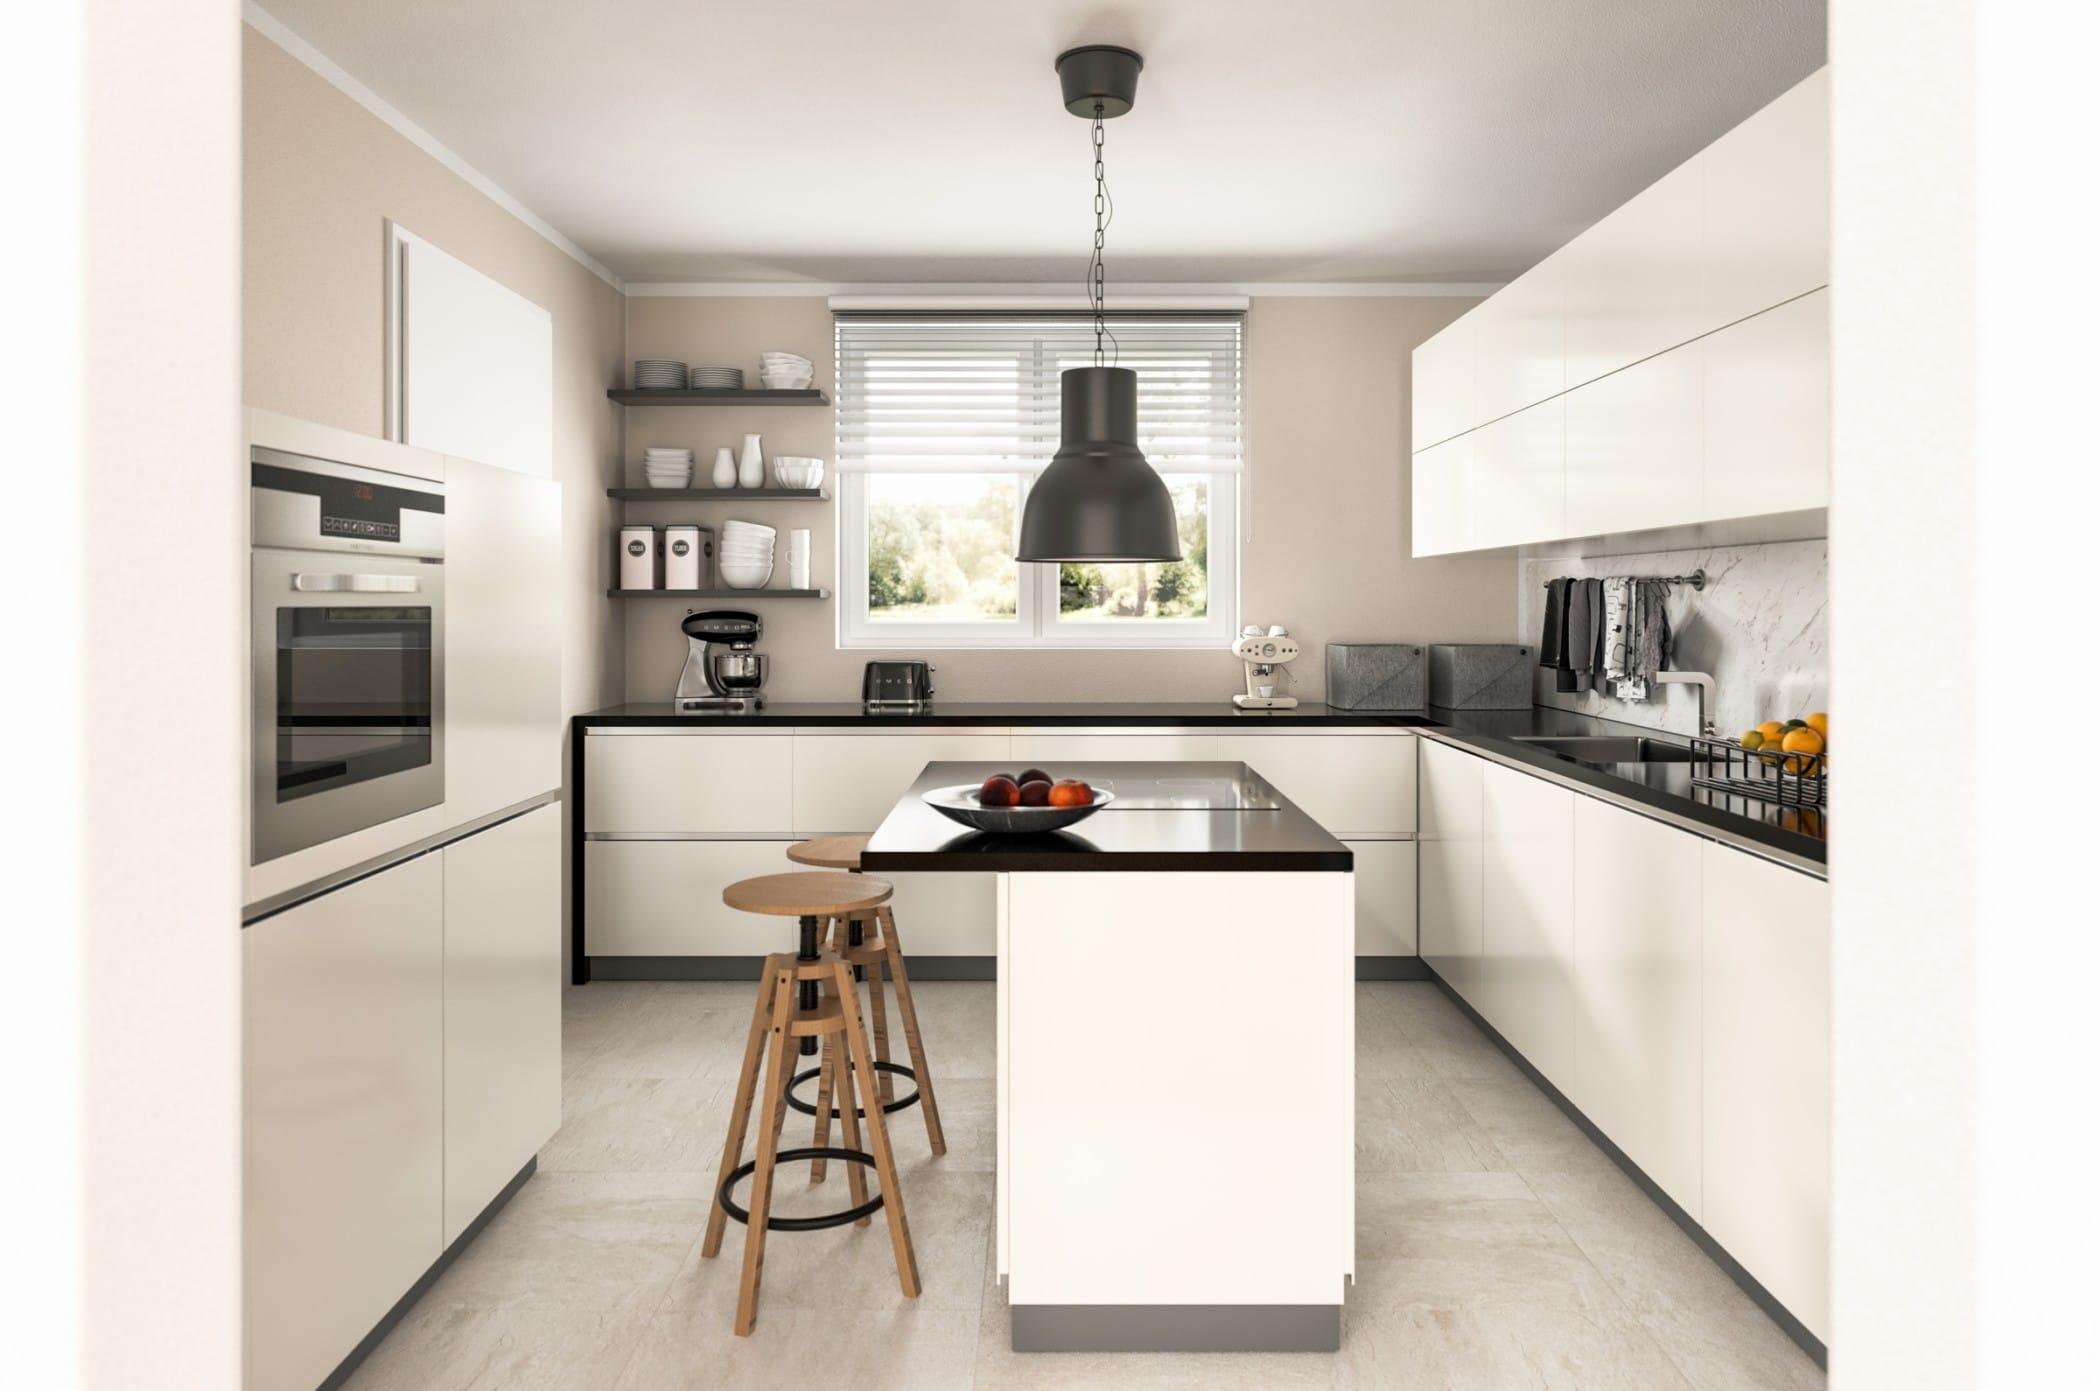 Küche modern weiß mit Kochinsel - Küchen Ideen Einrichtung Town Country Haus Flair 125 - HausbauDirekt.de